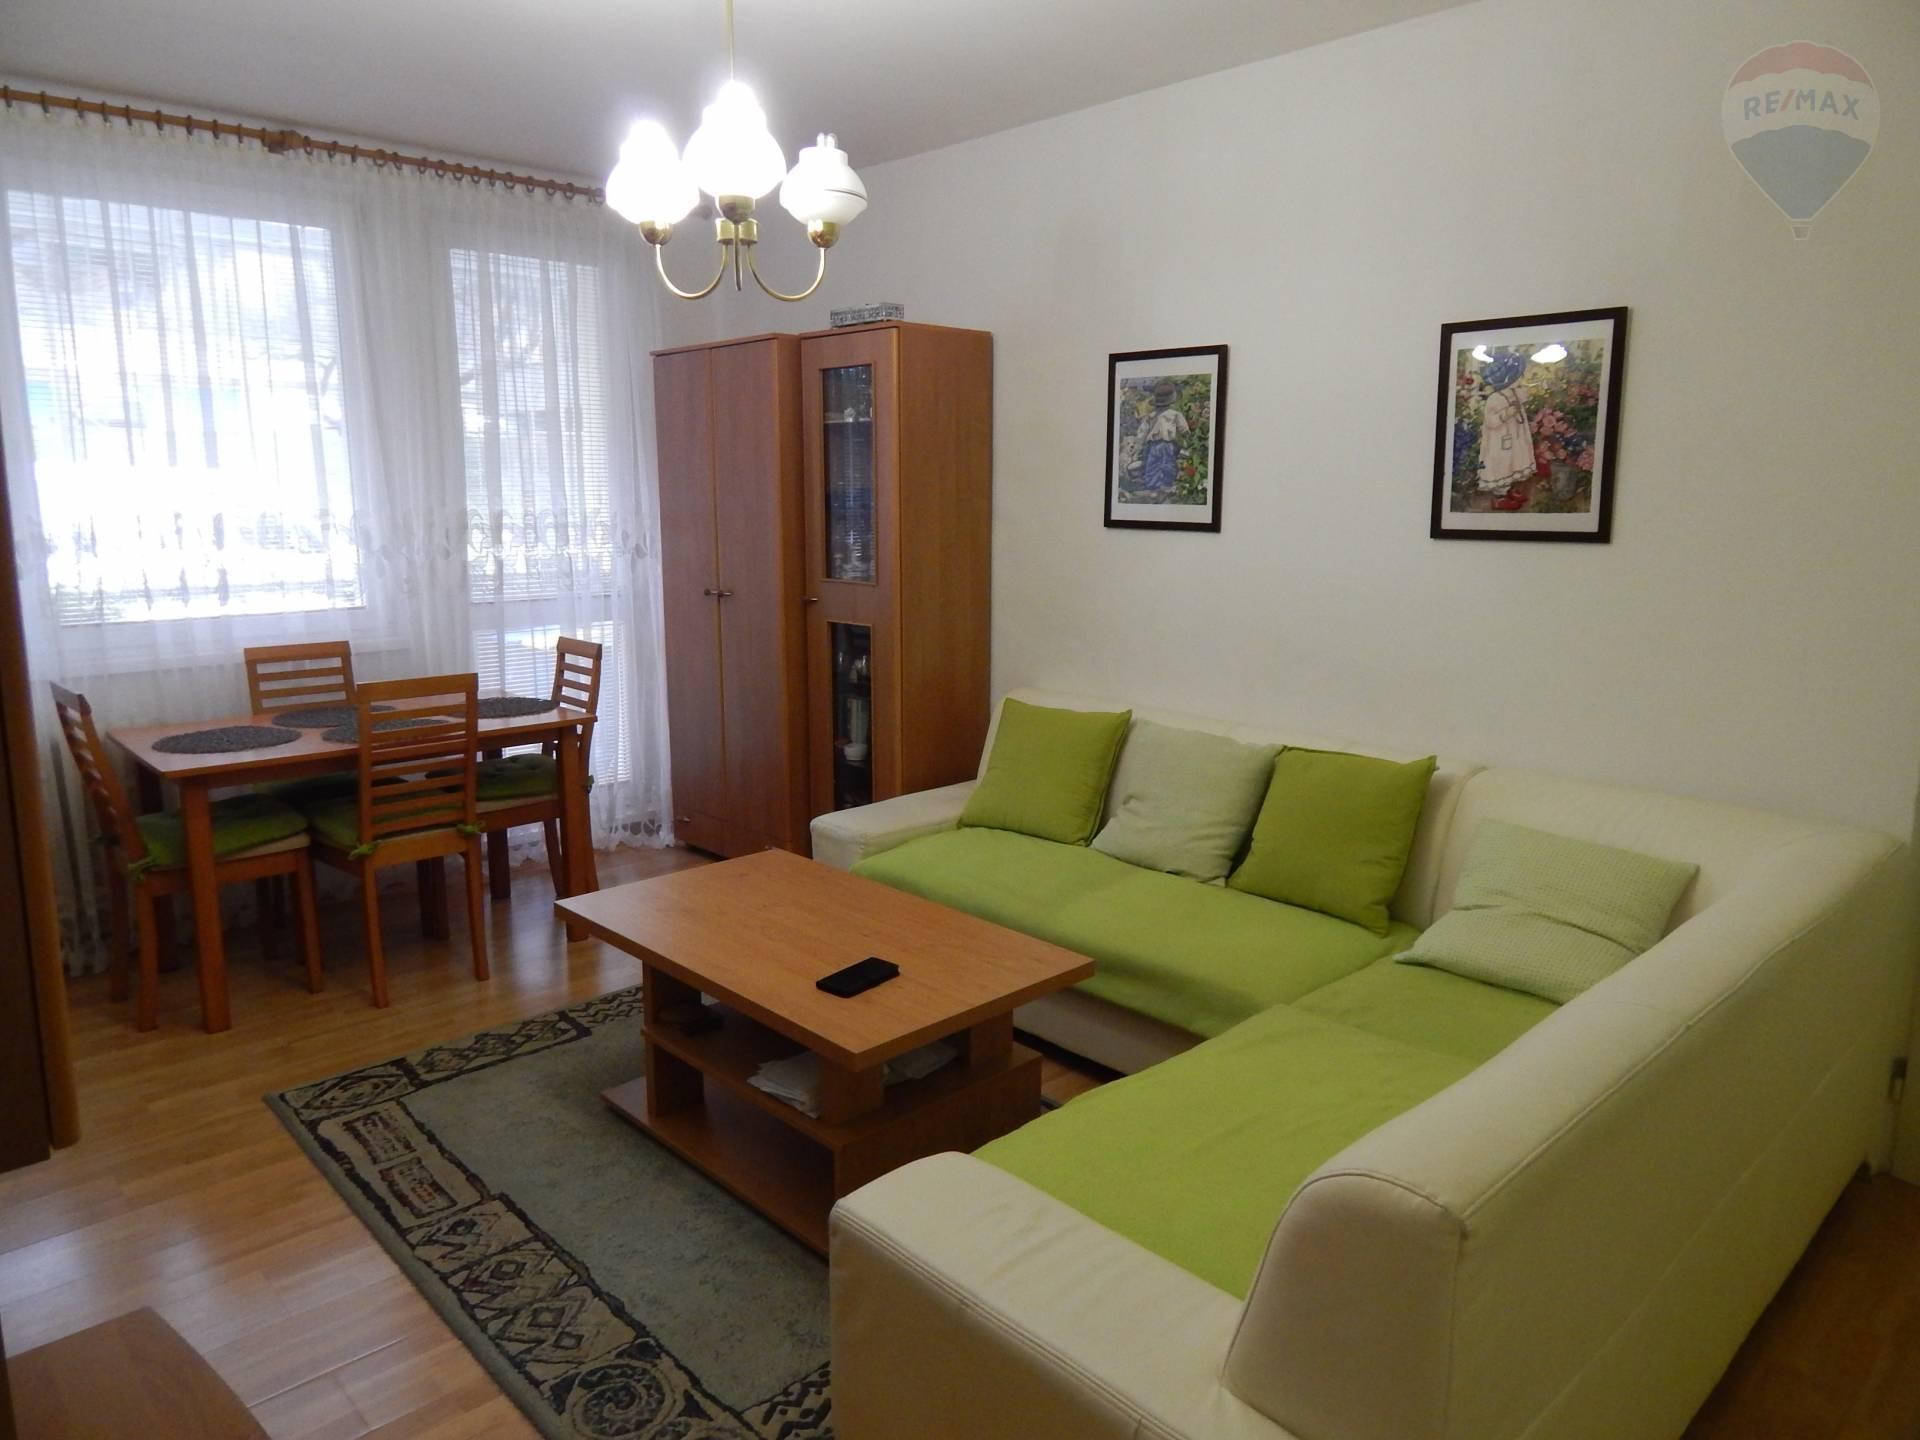 Predaj :Krásny 5i-byt vo vyhľadávanej lokalite v Karlovej Vsi s veľkou ložiou